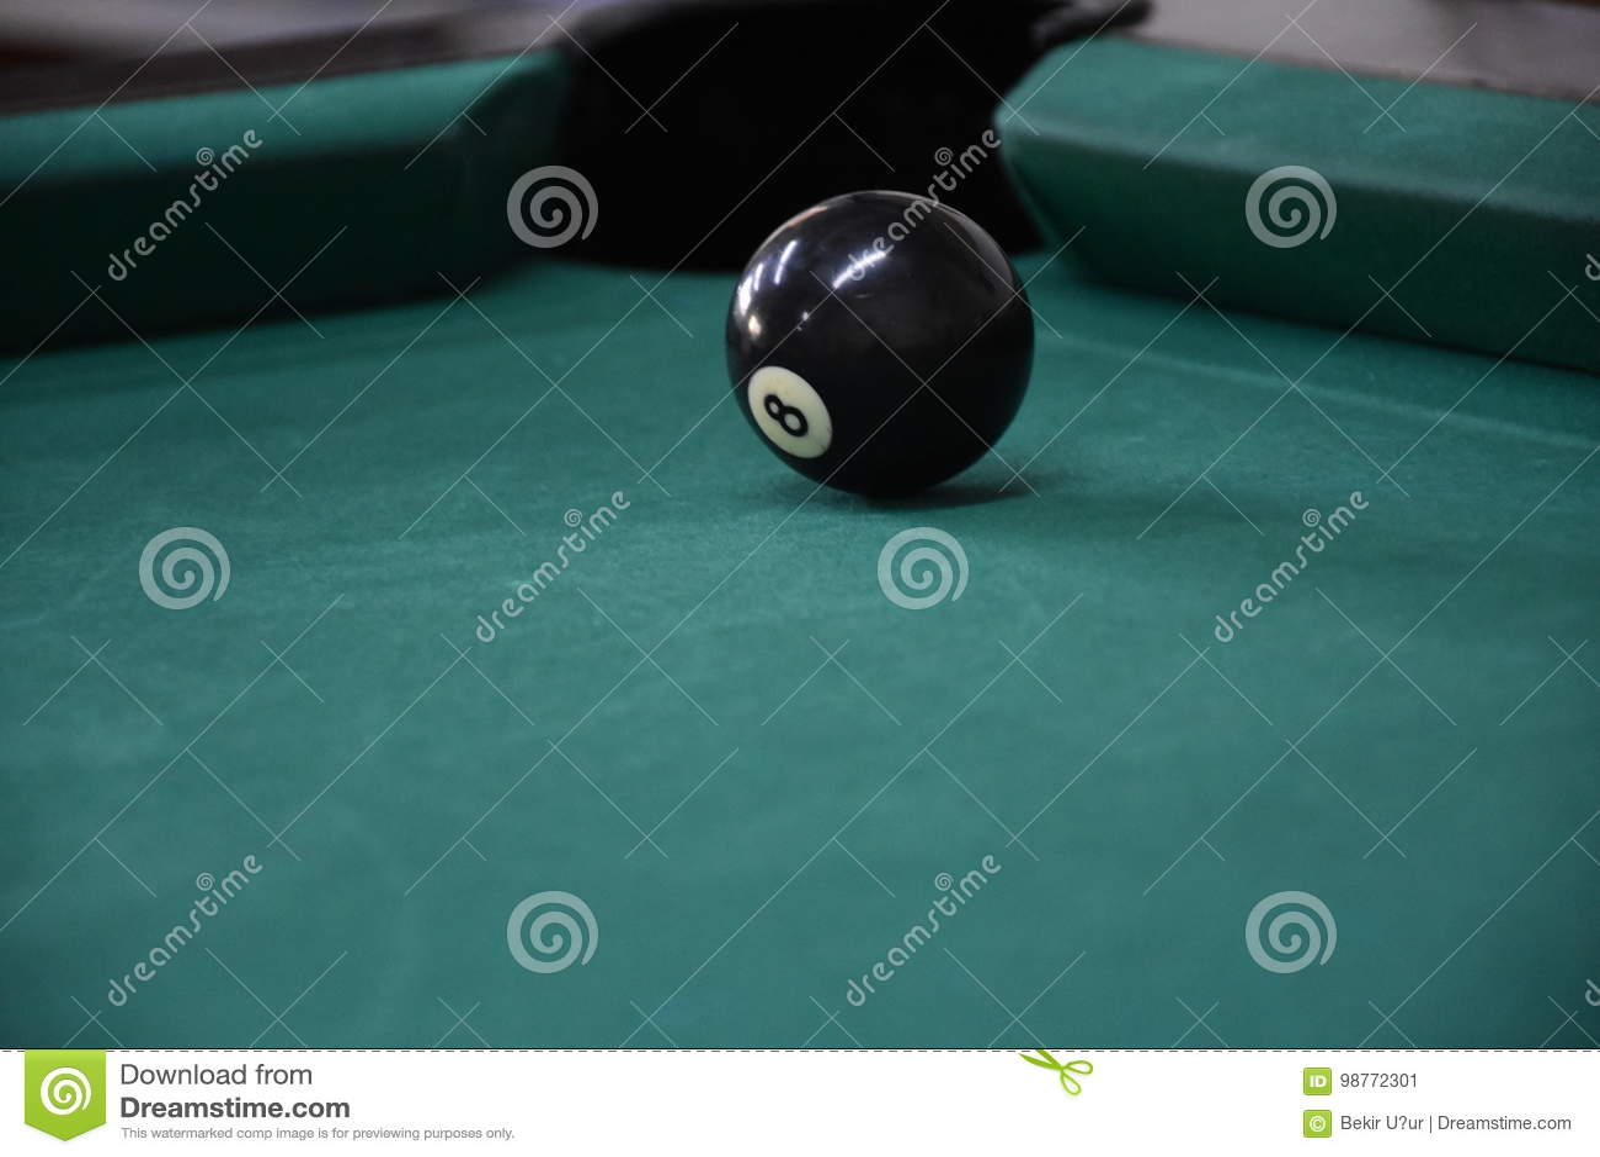 Biljartballen in een poollijst